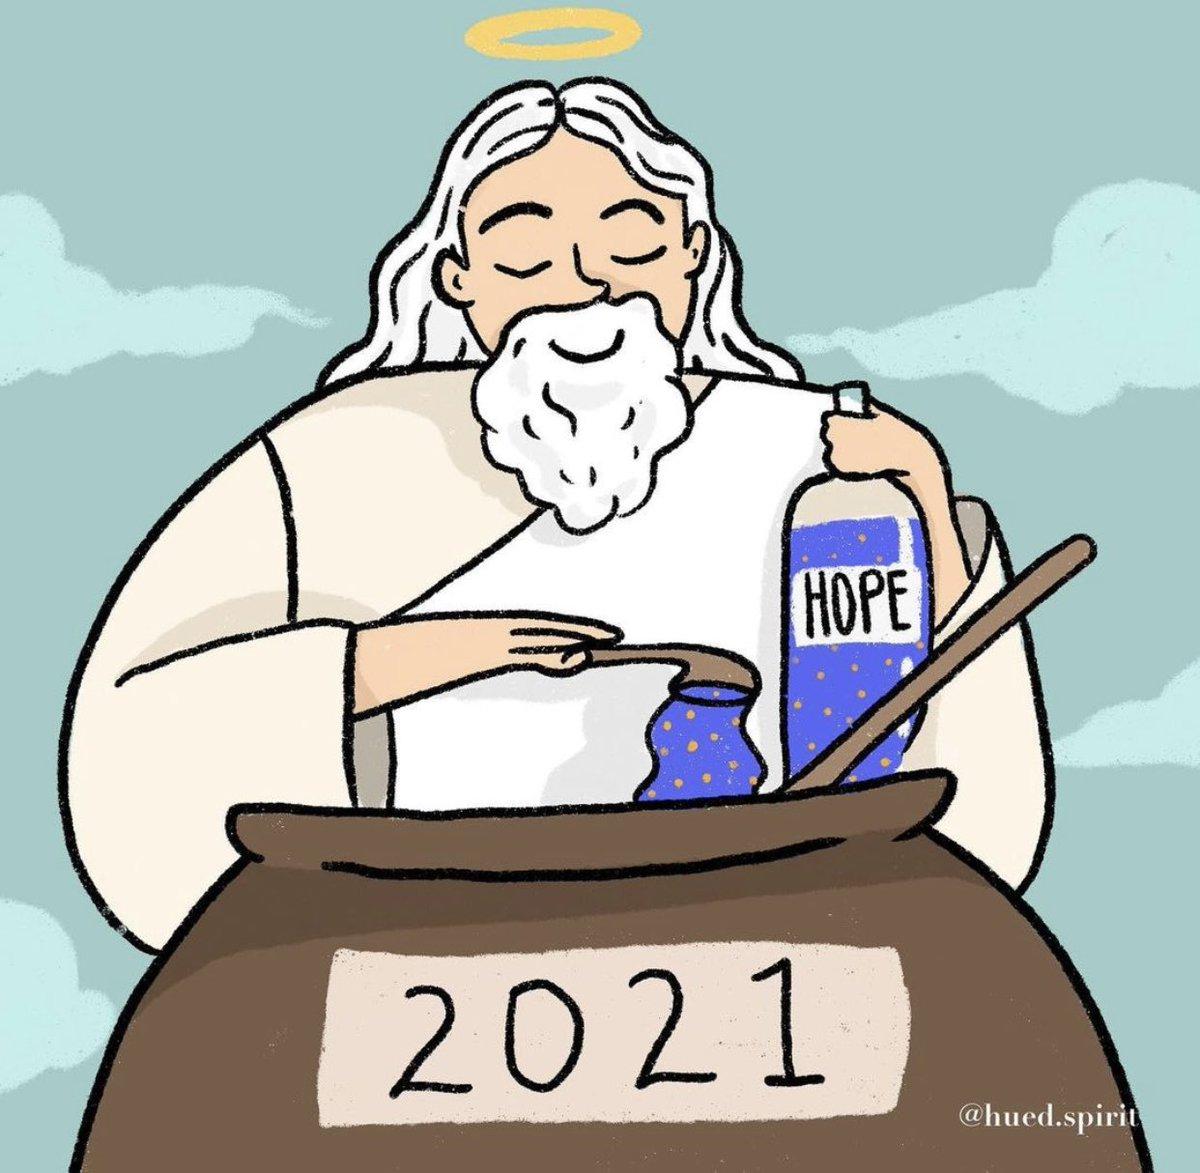 #2021 be kind! #HappyNewYear2021 #2021makeawish #hope #Lessonsfrom2020 #HappyNewYear